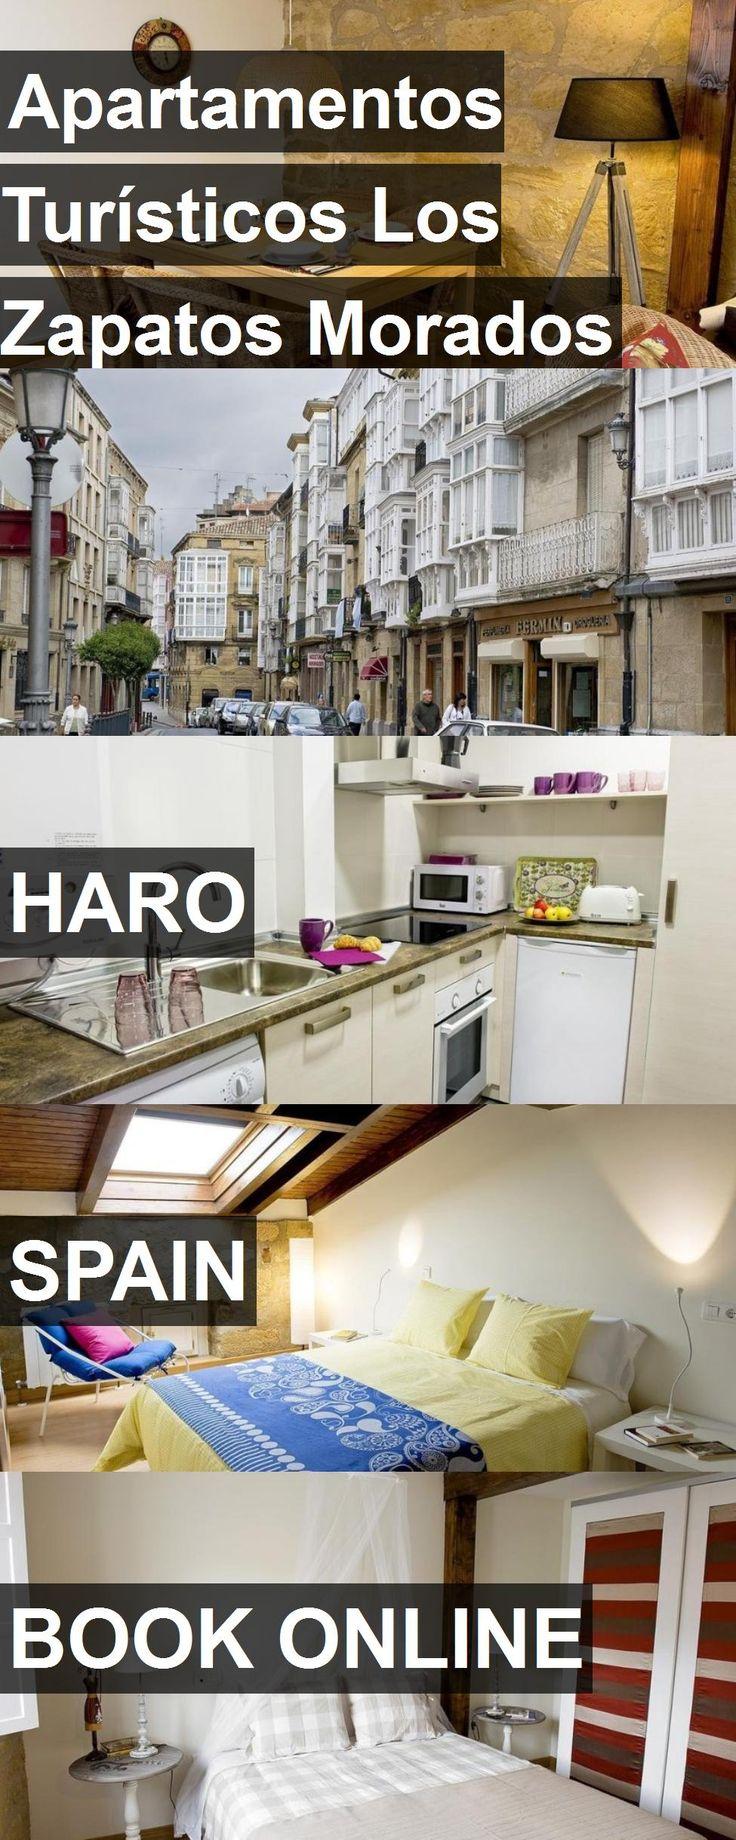 Hotel Apartamentos Turísticos Los Zapatos Morados in Haro, Spain. For more information, photos, reviews and best prices please follow the link. #Spain #Haro #ApartamentosTurísticosLosZapatosMorados #hotel #travel #vacation